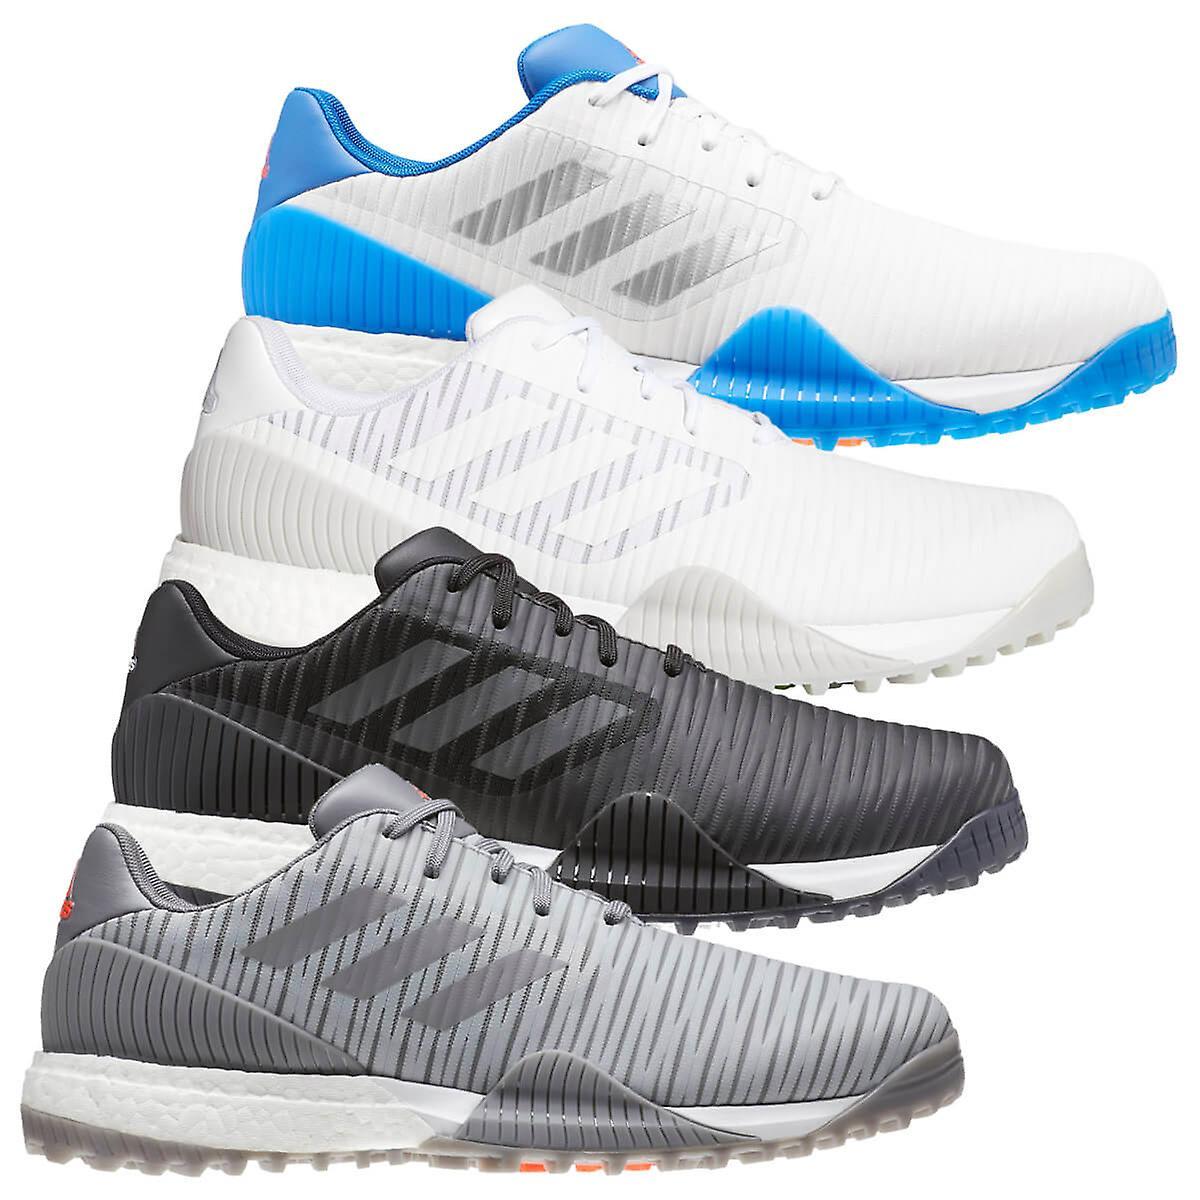 adidas Golf Hommes 2020 Code Chaos Sport imperméable à l'eau Chaussures de golf légères Blanc/argenté/bleu UK 9.5